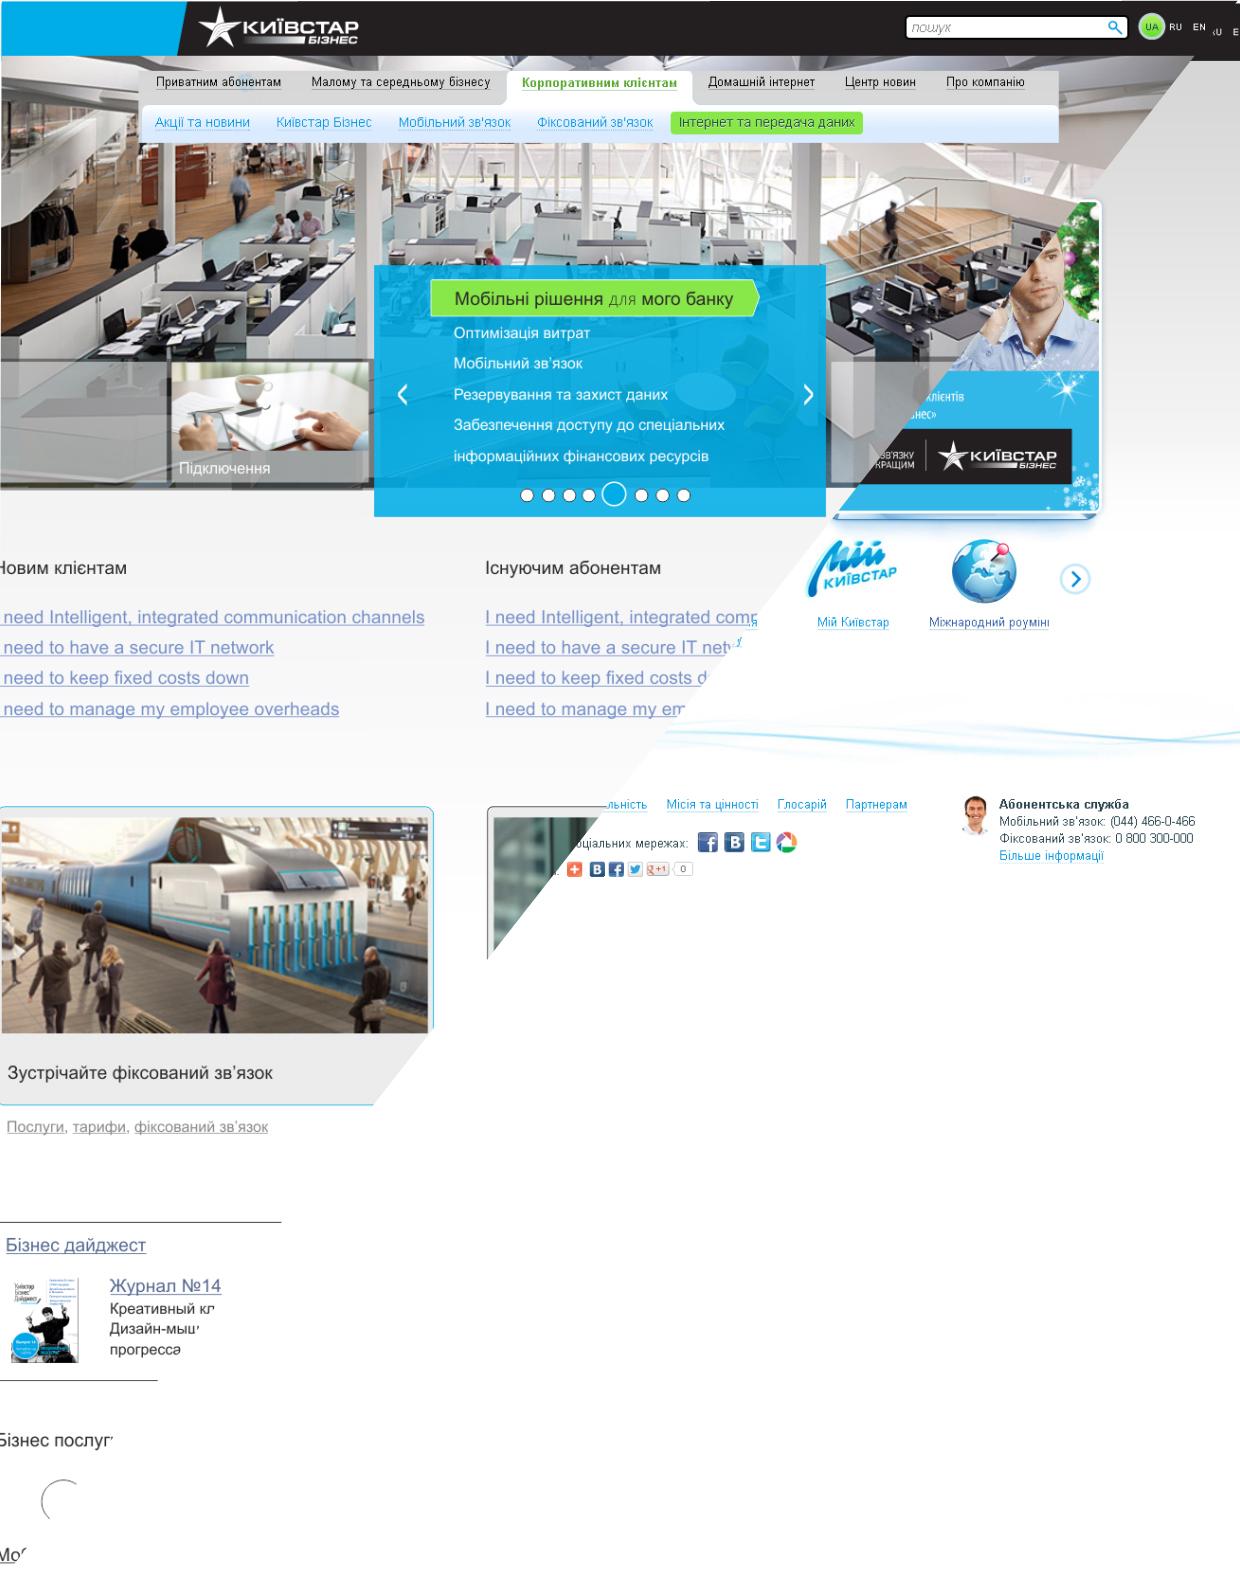 Пример наших услуг по юзабилити для проекта «Киевстар» → задача: вовлечь аудиторию и обеспечить взаимодействие с помощью звонков, писем и запросов.